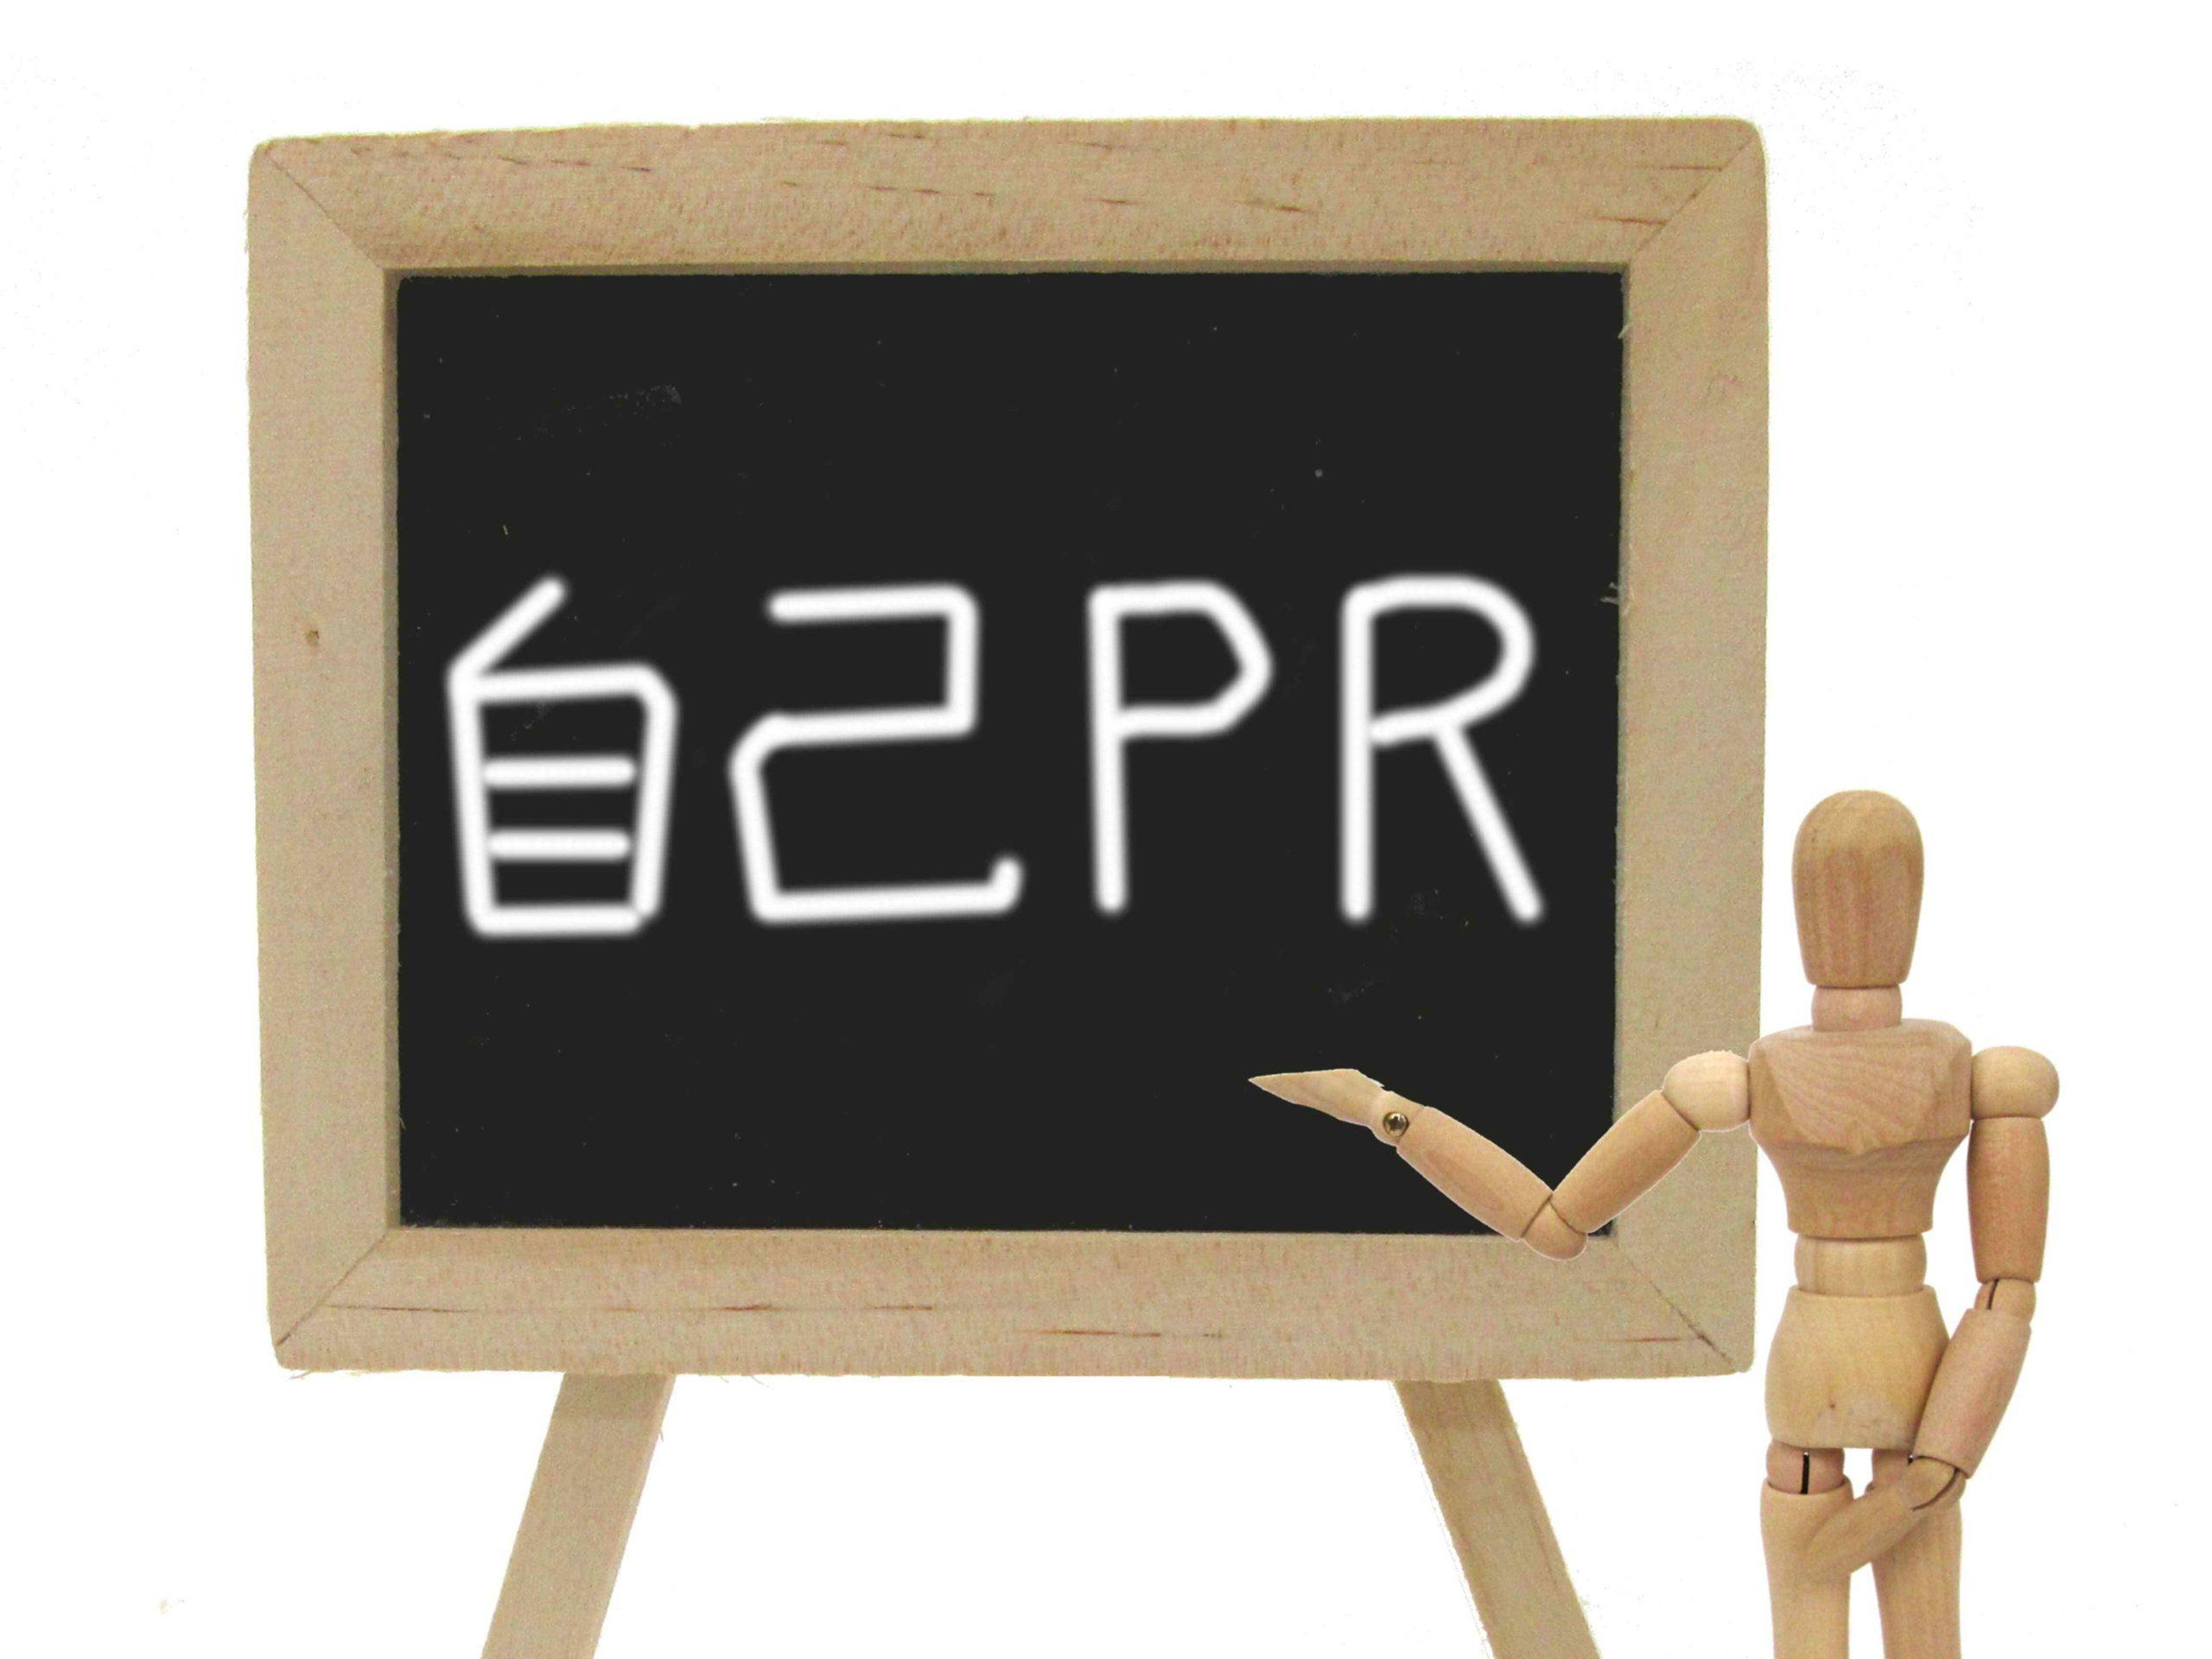 自己PRの書き方がわからない方必見!整理方法やまとめ方を解説します!